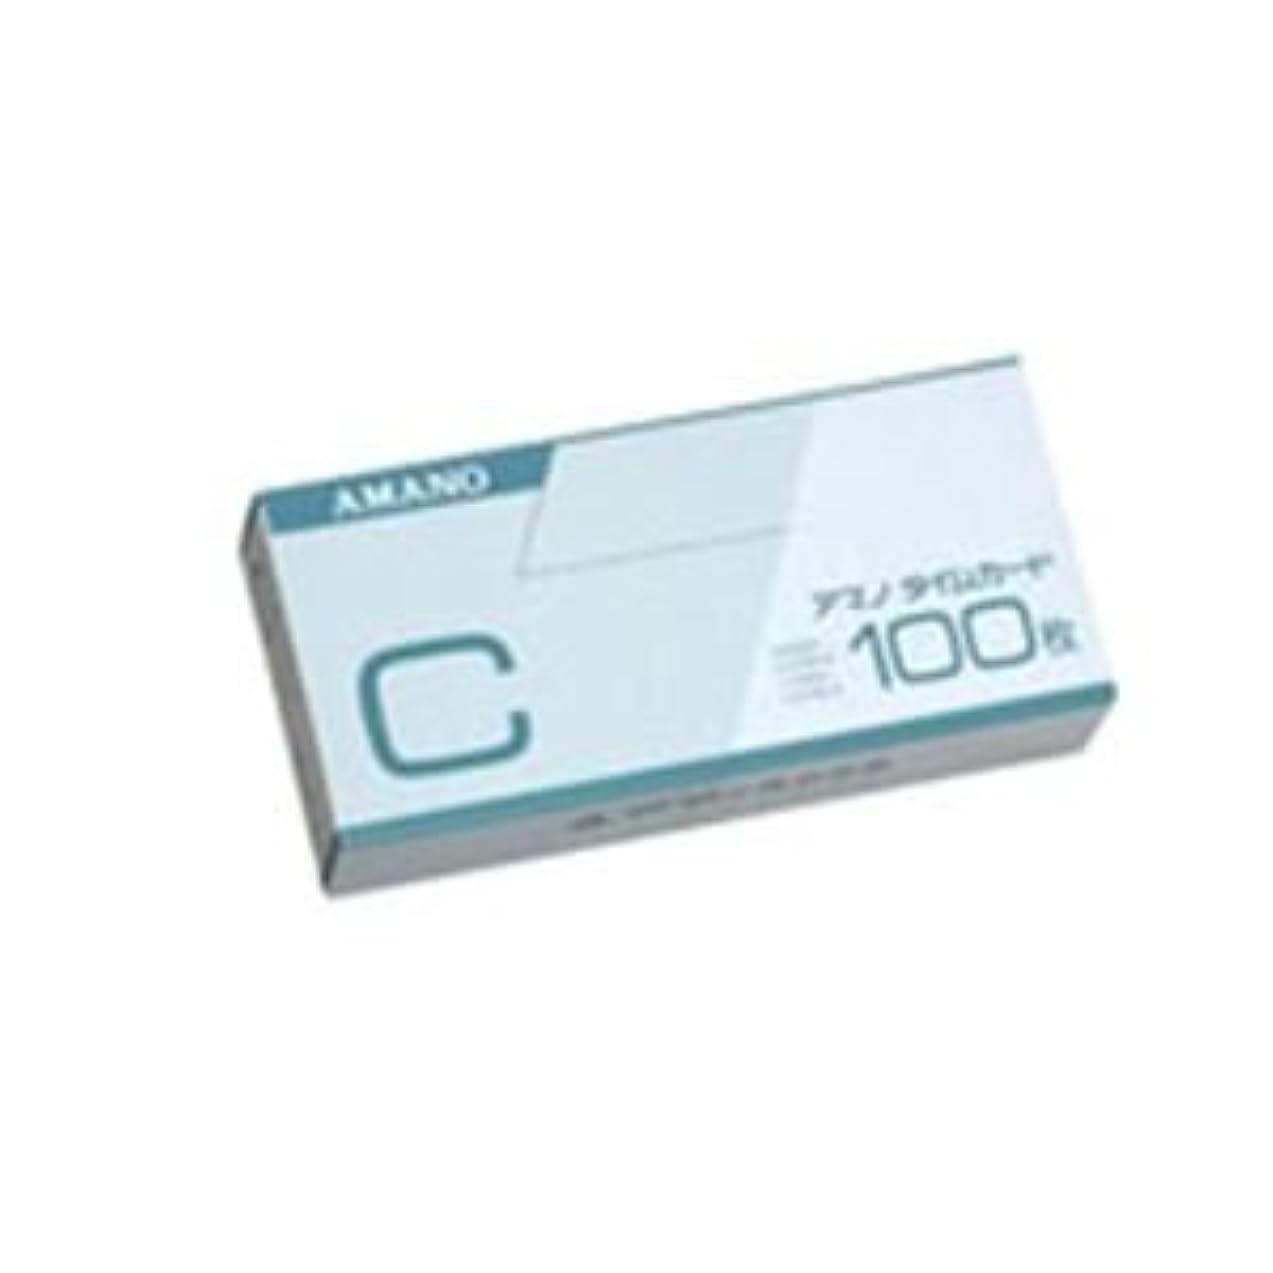 激怒冷えるアプローチアマノ 標準タイムカードC 100枚入 5箱 ds-1295530